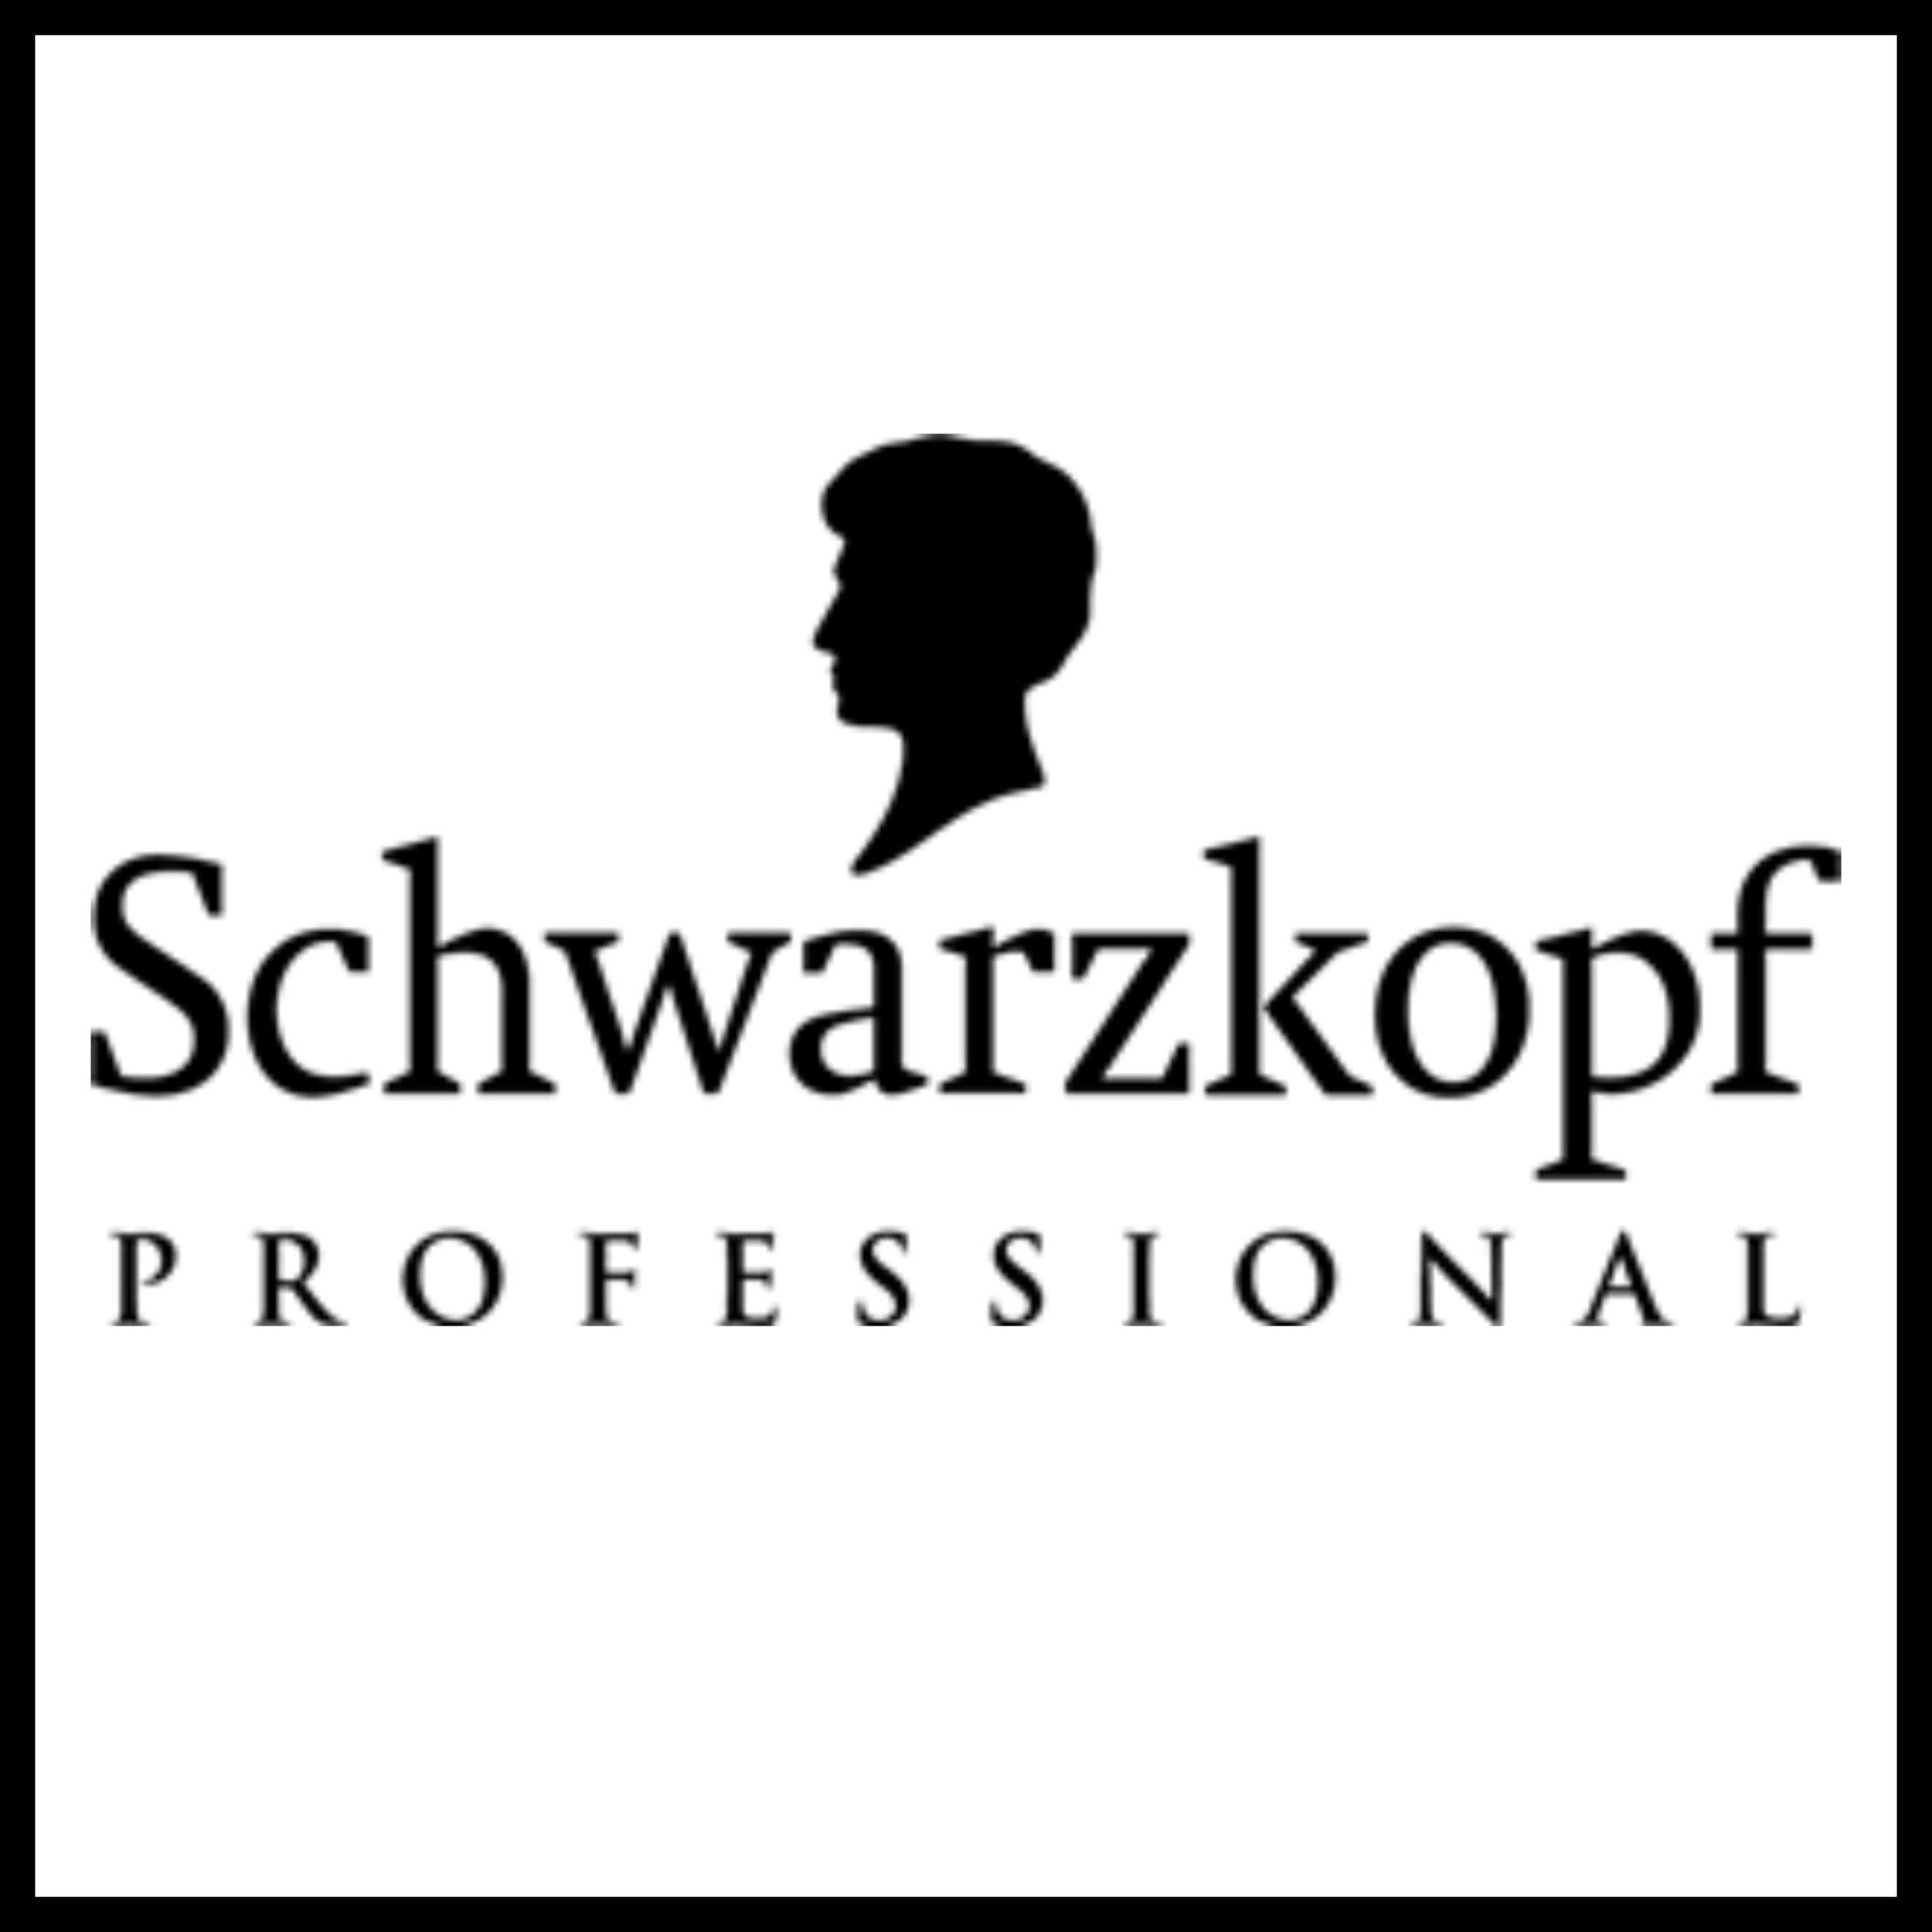 SchwarzkopfSQ.jpg